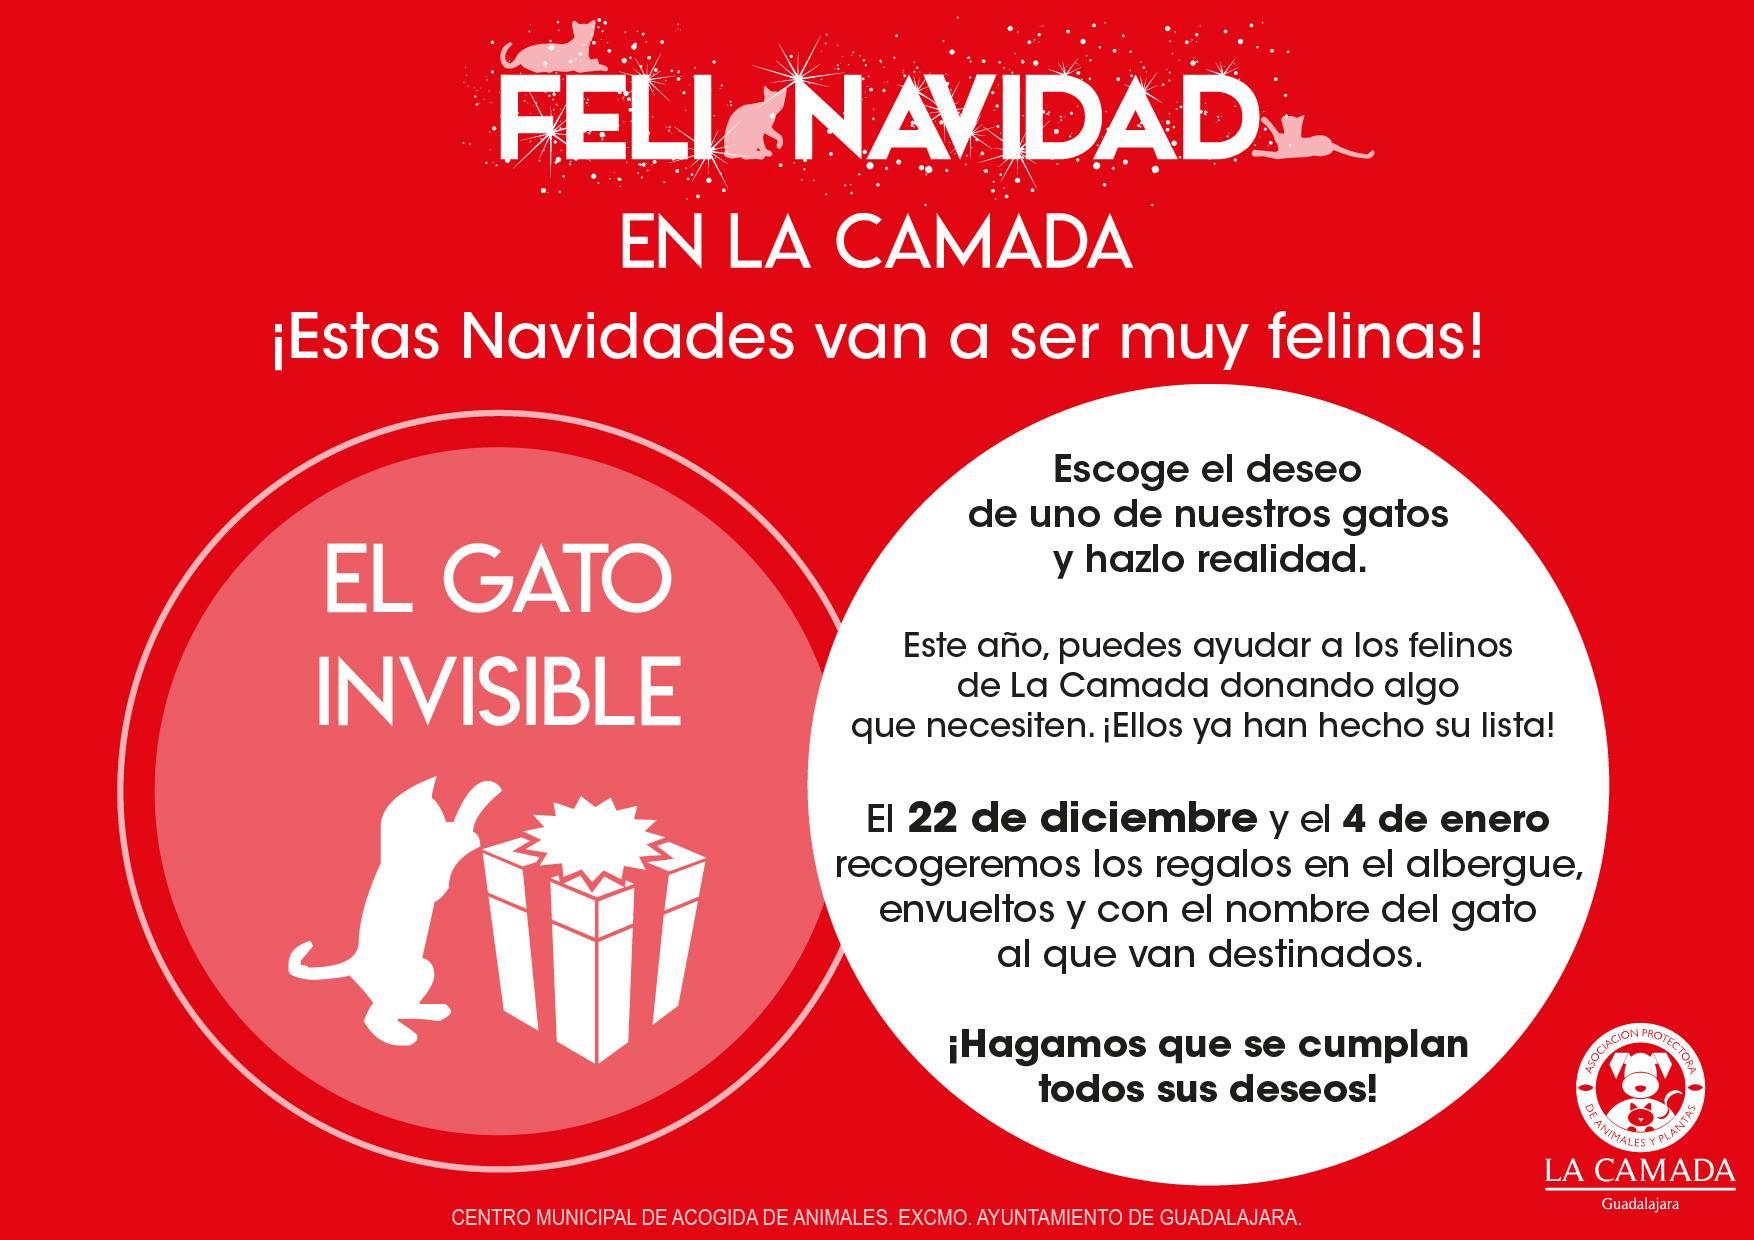 Feliz Navidad La Camada Guadalajara